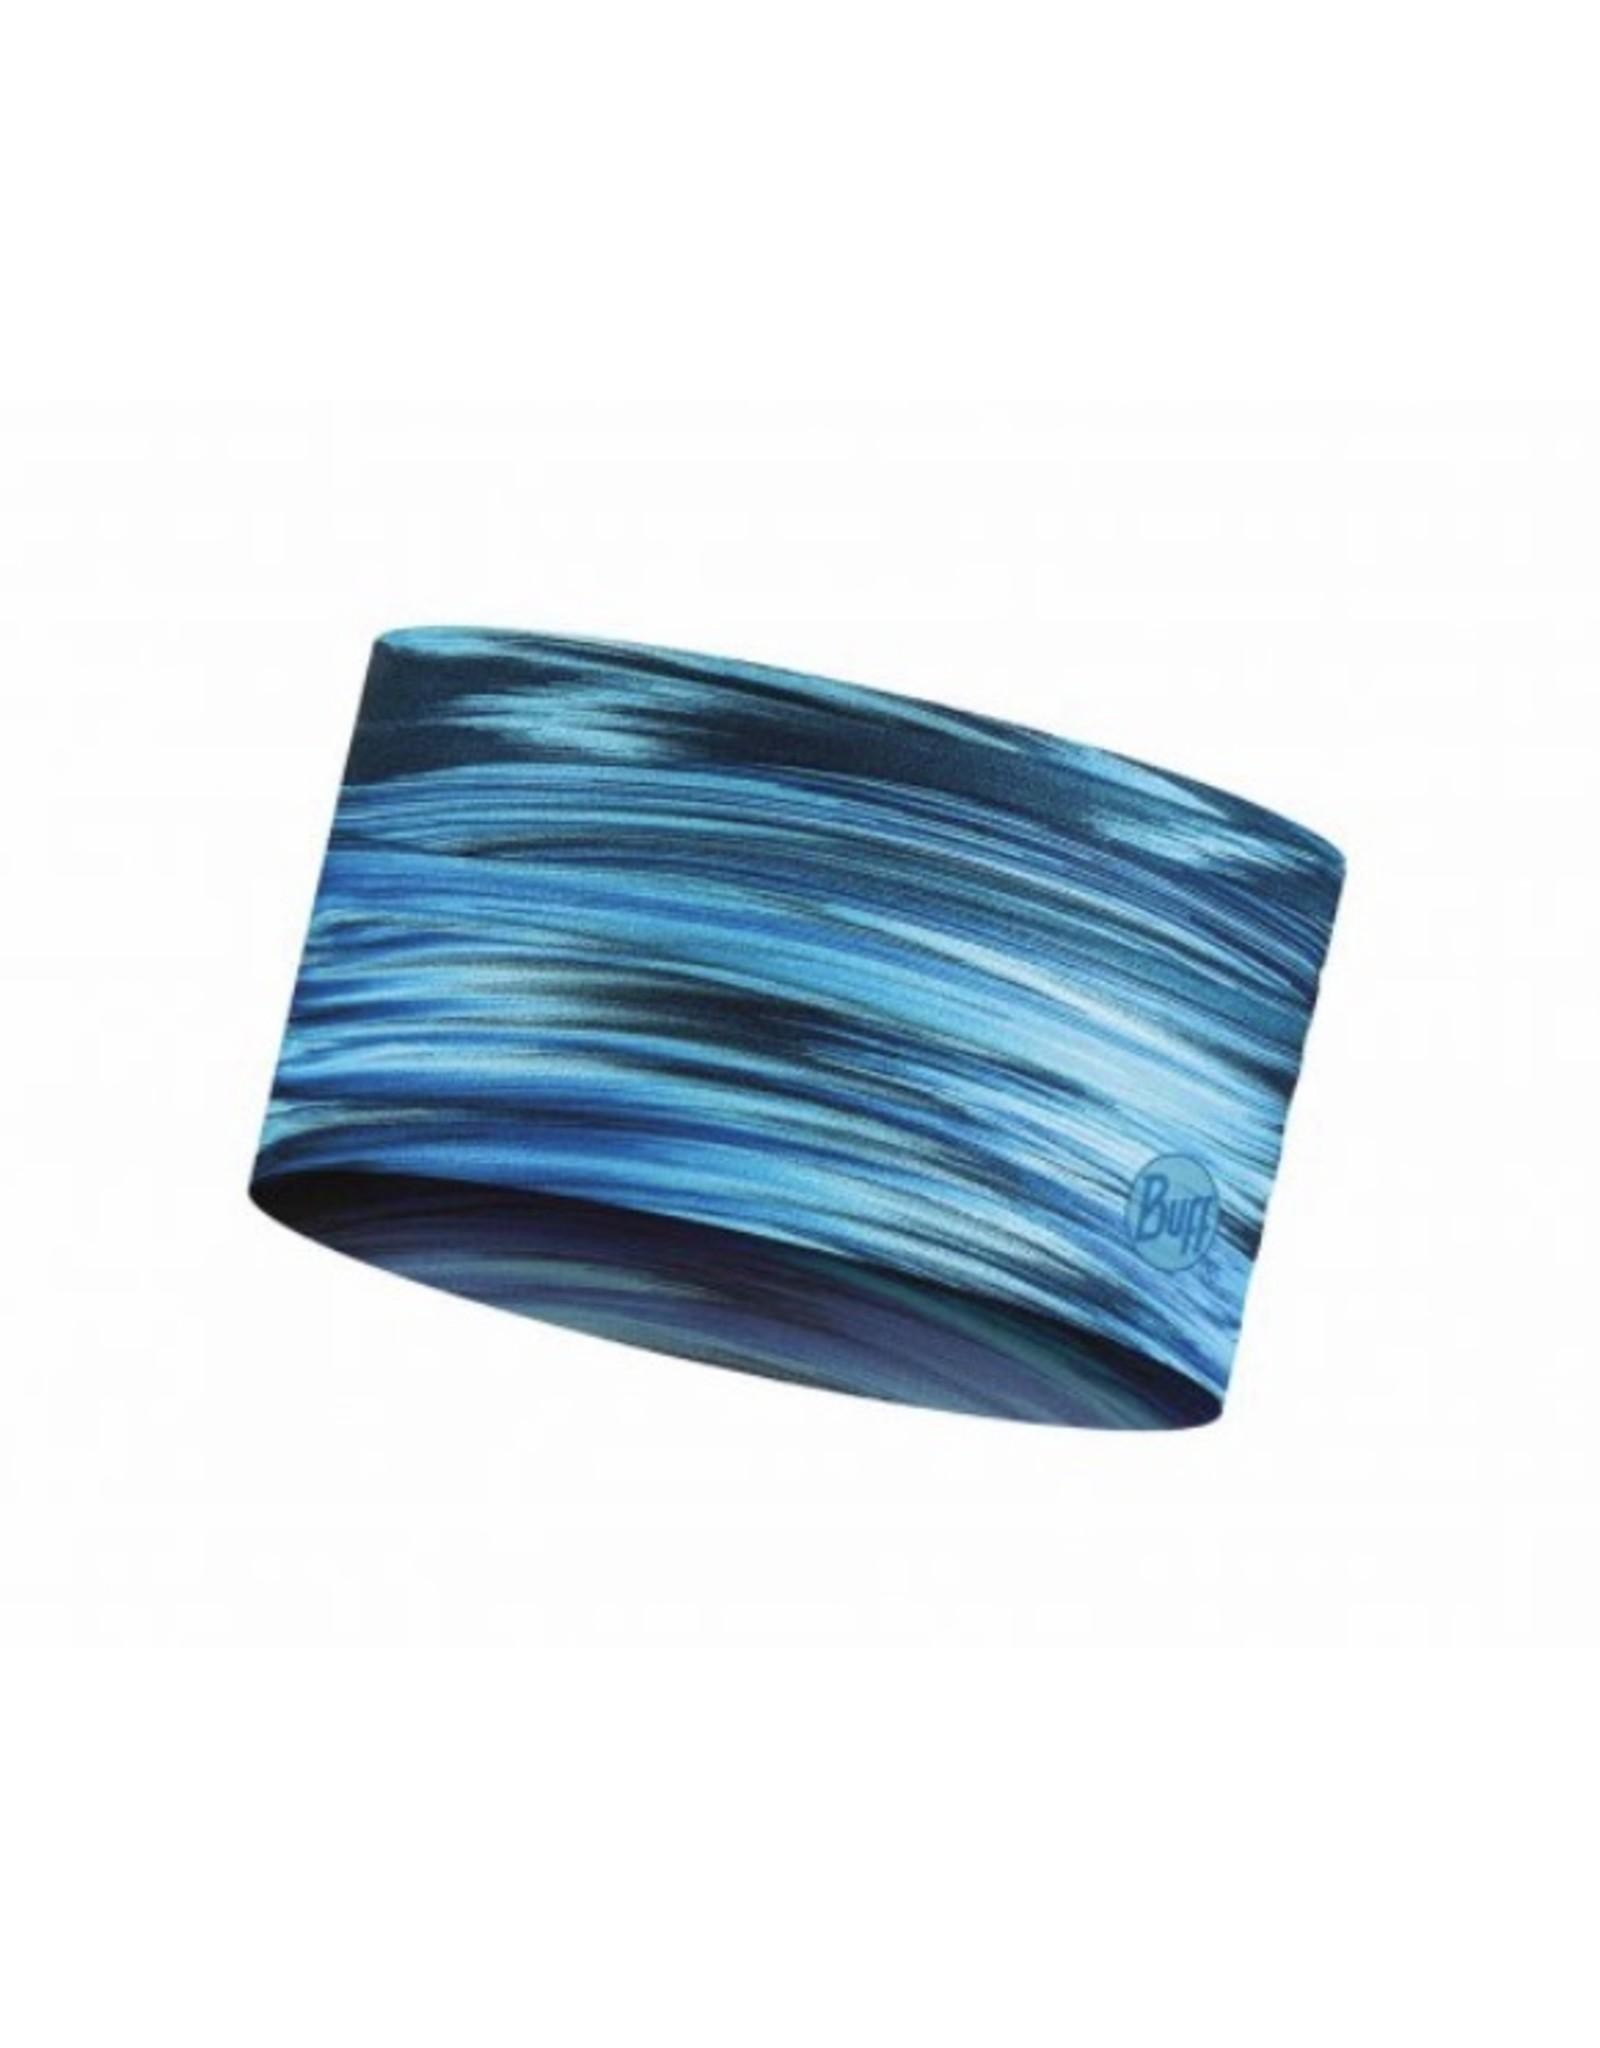 Buff Buff CoolNet UV+ Headband Moonbow Blue